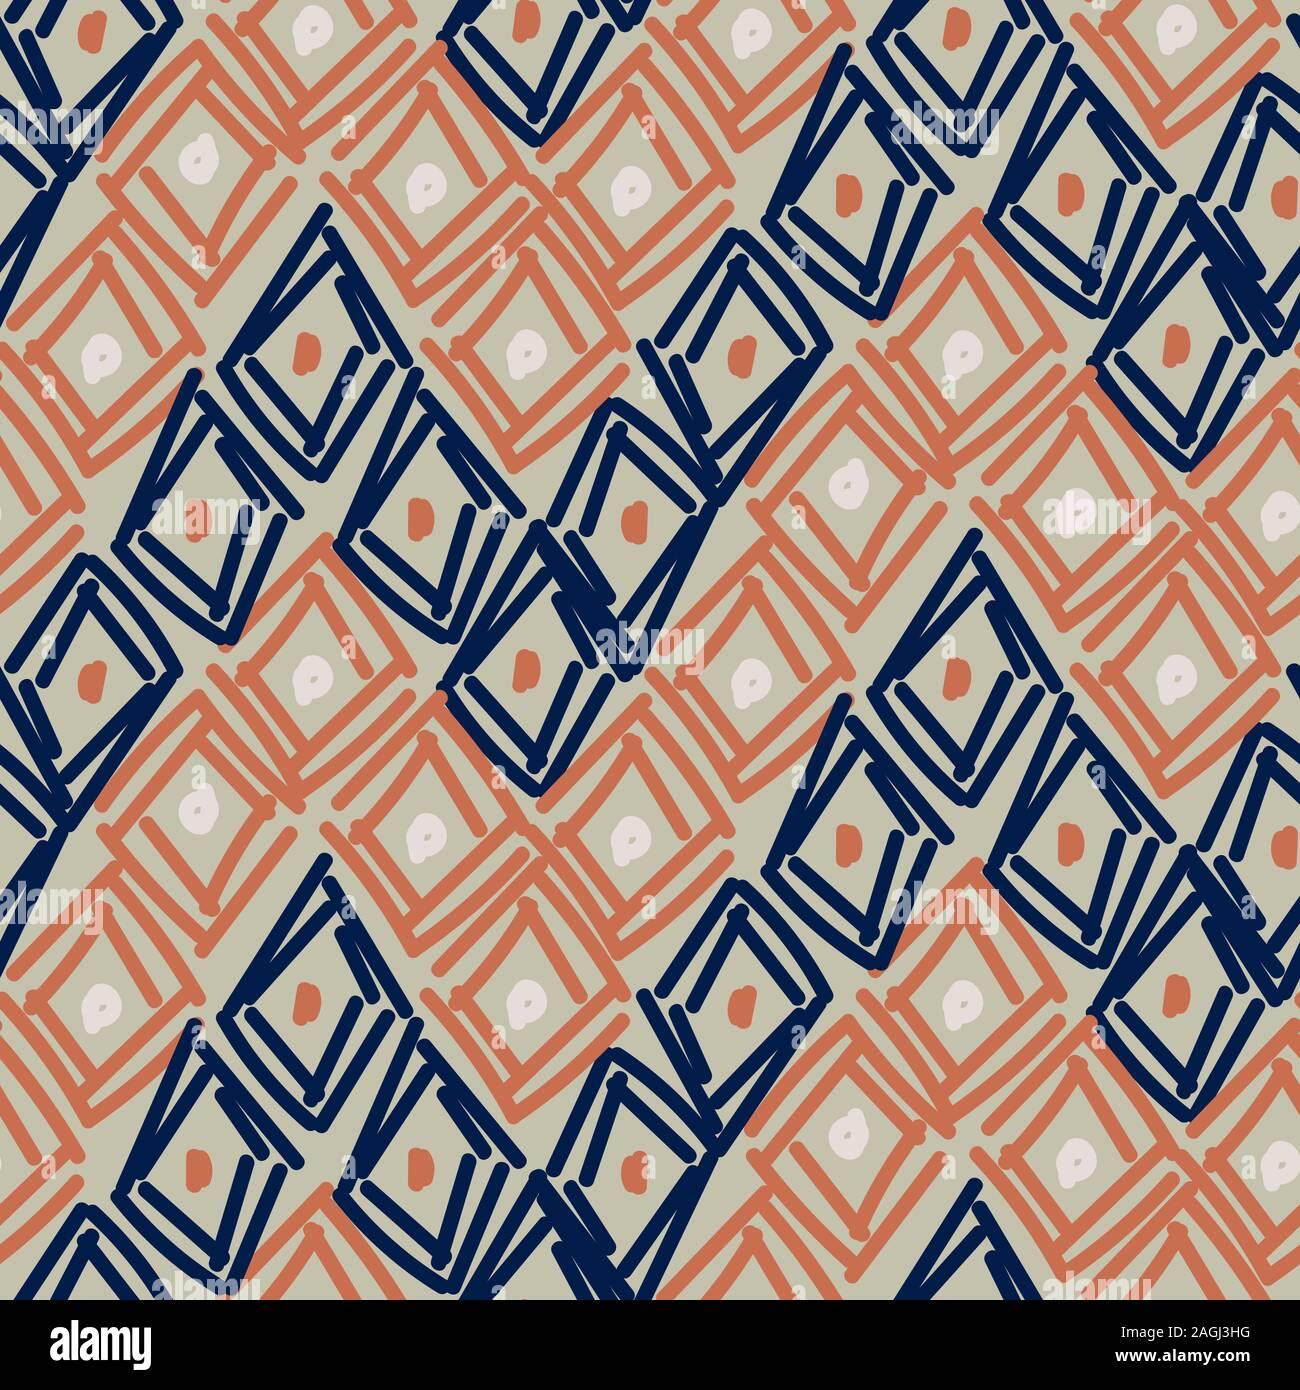 Rombos dibujados a mano formas abstractas patrón sin fisuras. Azul Marrón repetir antecedentes para envolver, textiles y diseño de impresión. Ilustración del Vector